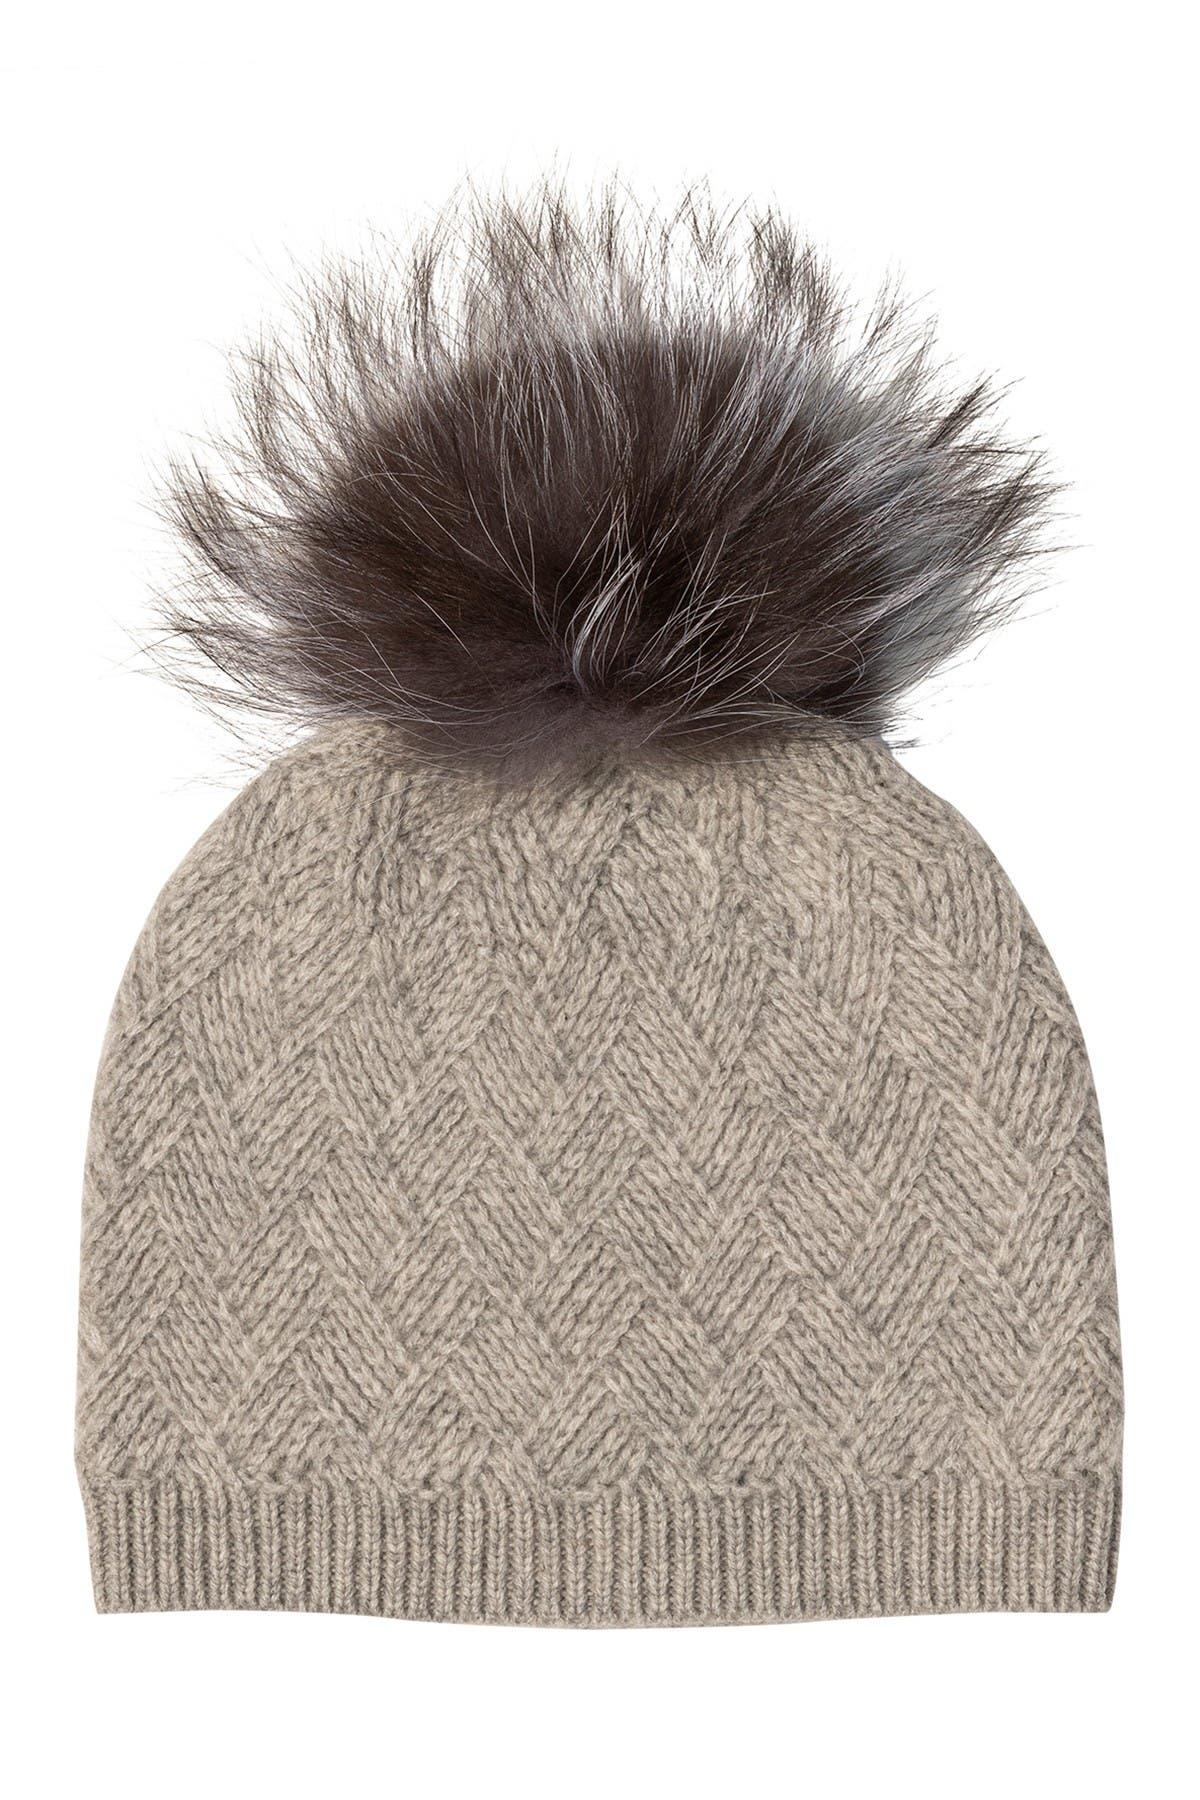 Image of AMICALE Cashmere Diamond Stitch Knit Hat with Genuine Fox Pom